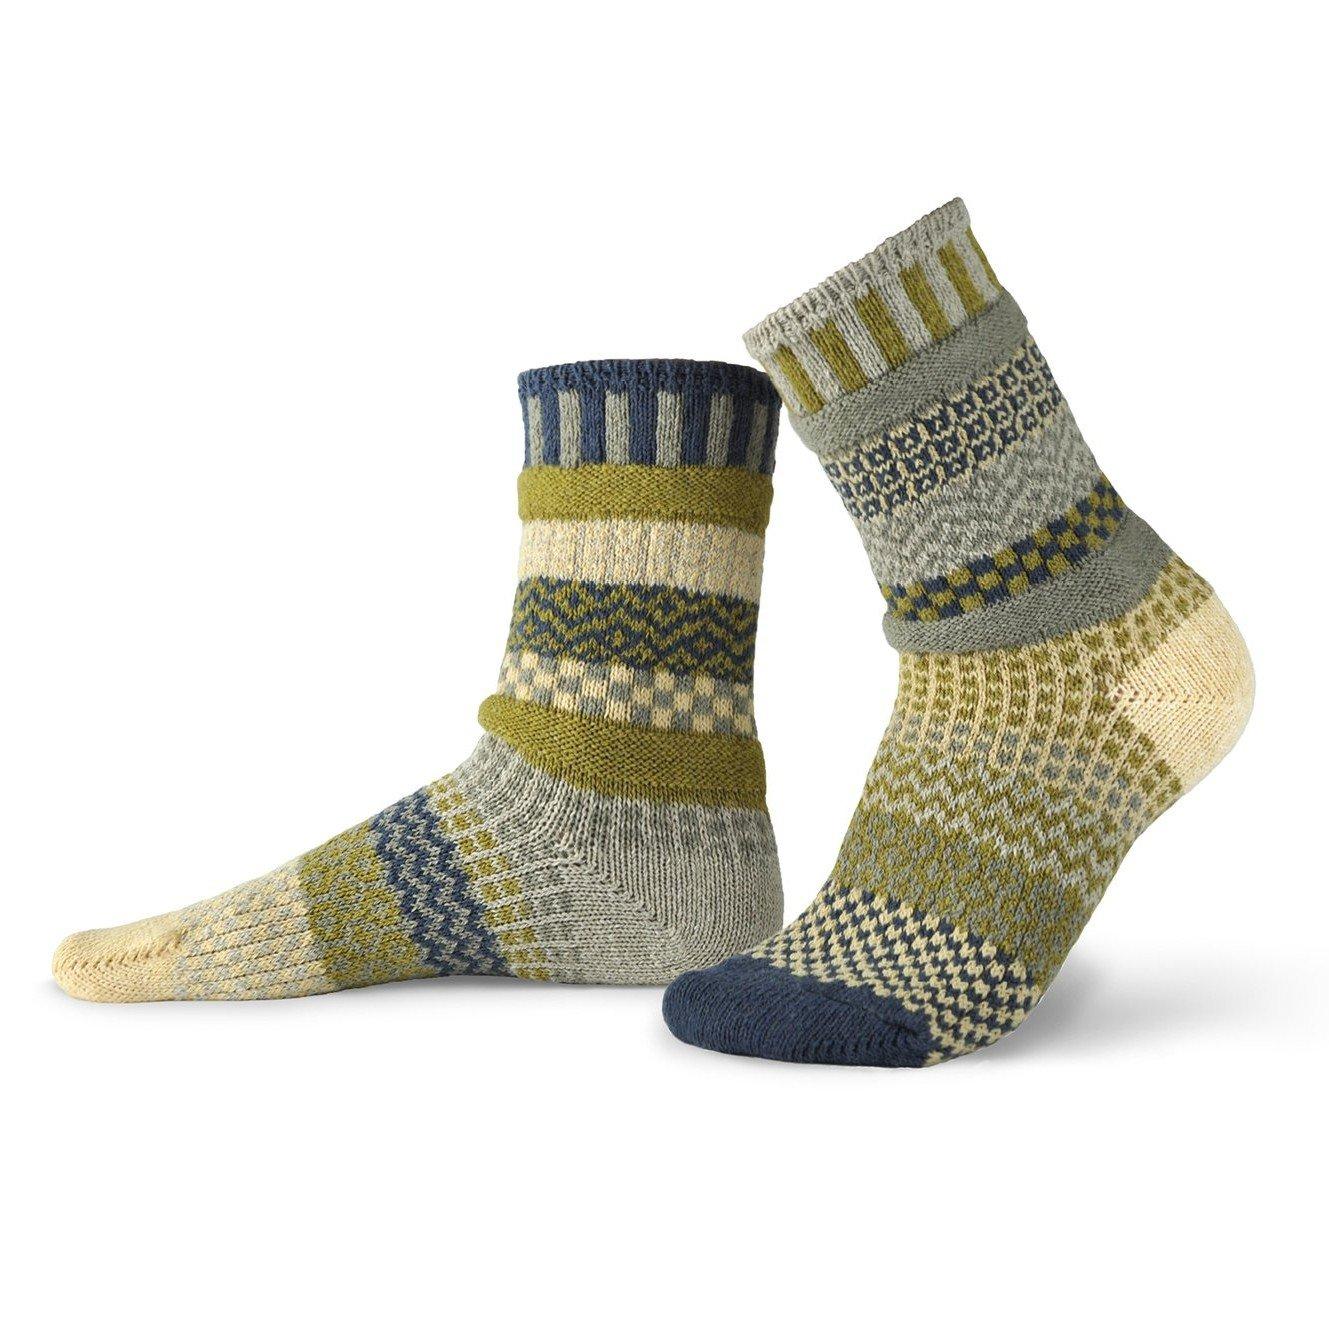 Sagebrush Adult Crew Socks